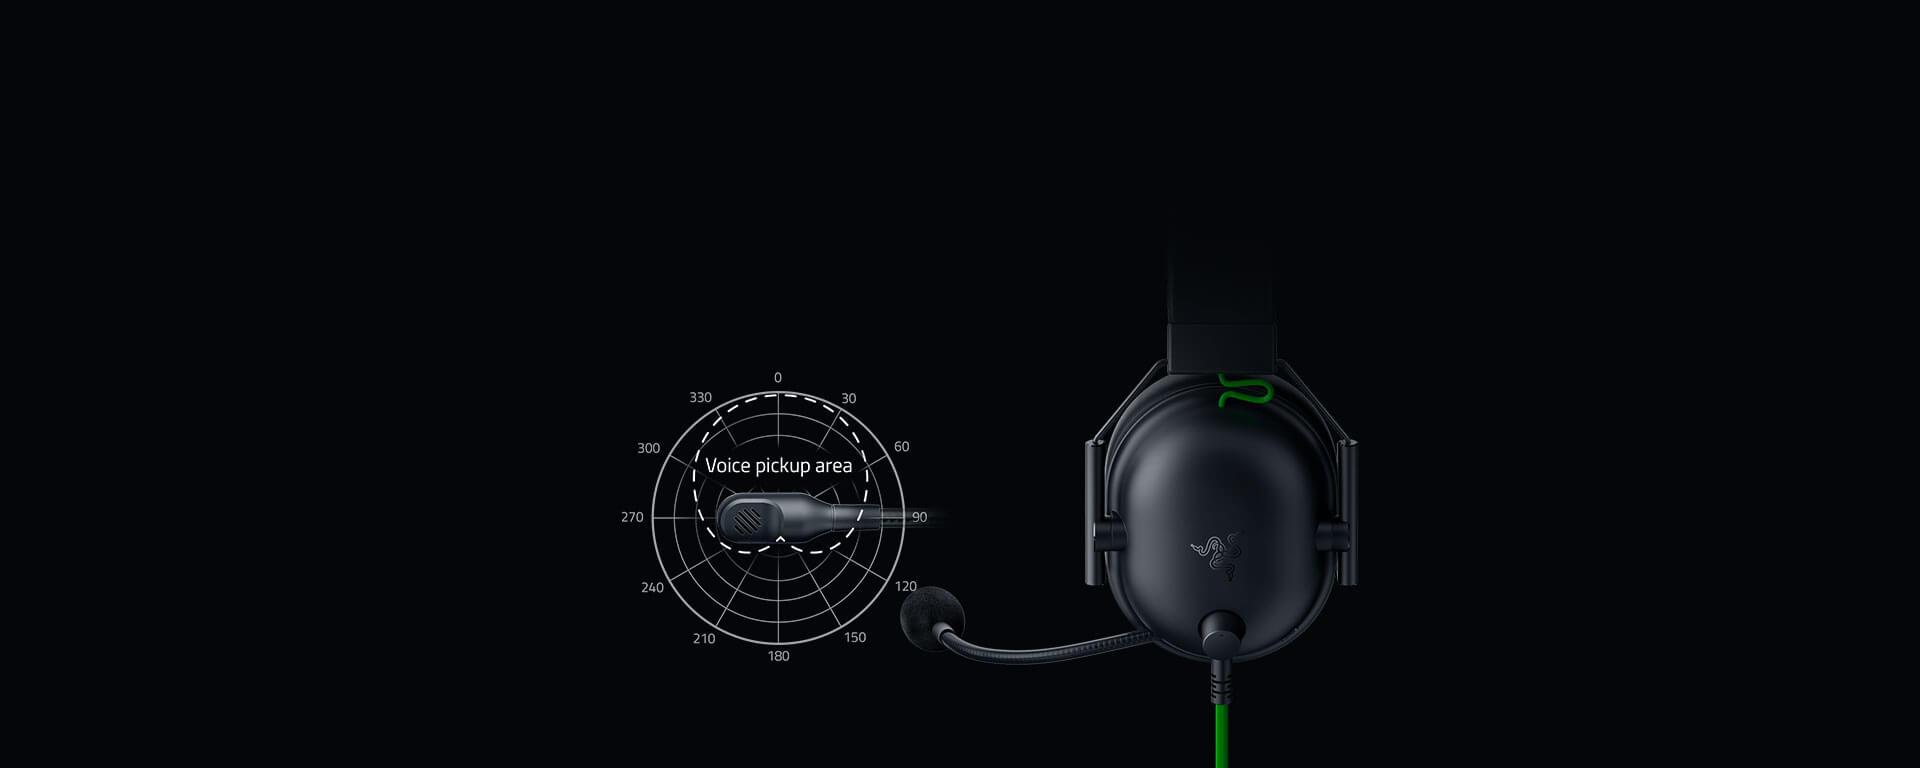 Tai nghe Razer BlackShark V2 X - Wired Gaming Headset - RZ04-03240100-R3M1 trang bị micro với khả năng loại bỏ tạp âm và tái tạo giọng nói tốt